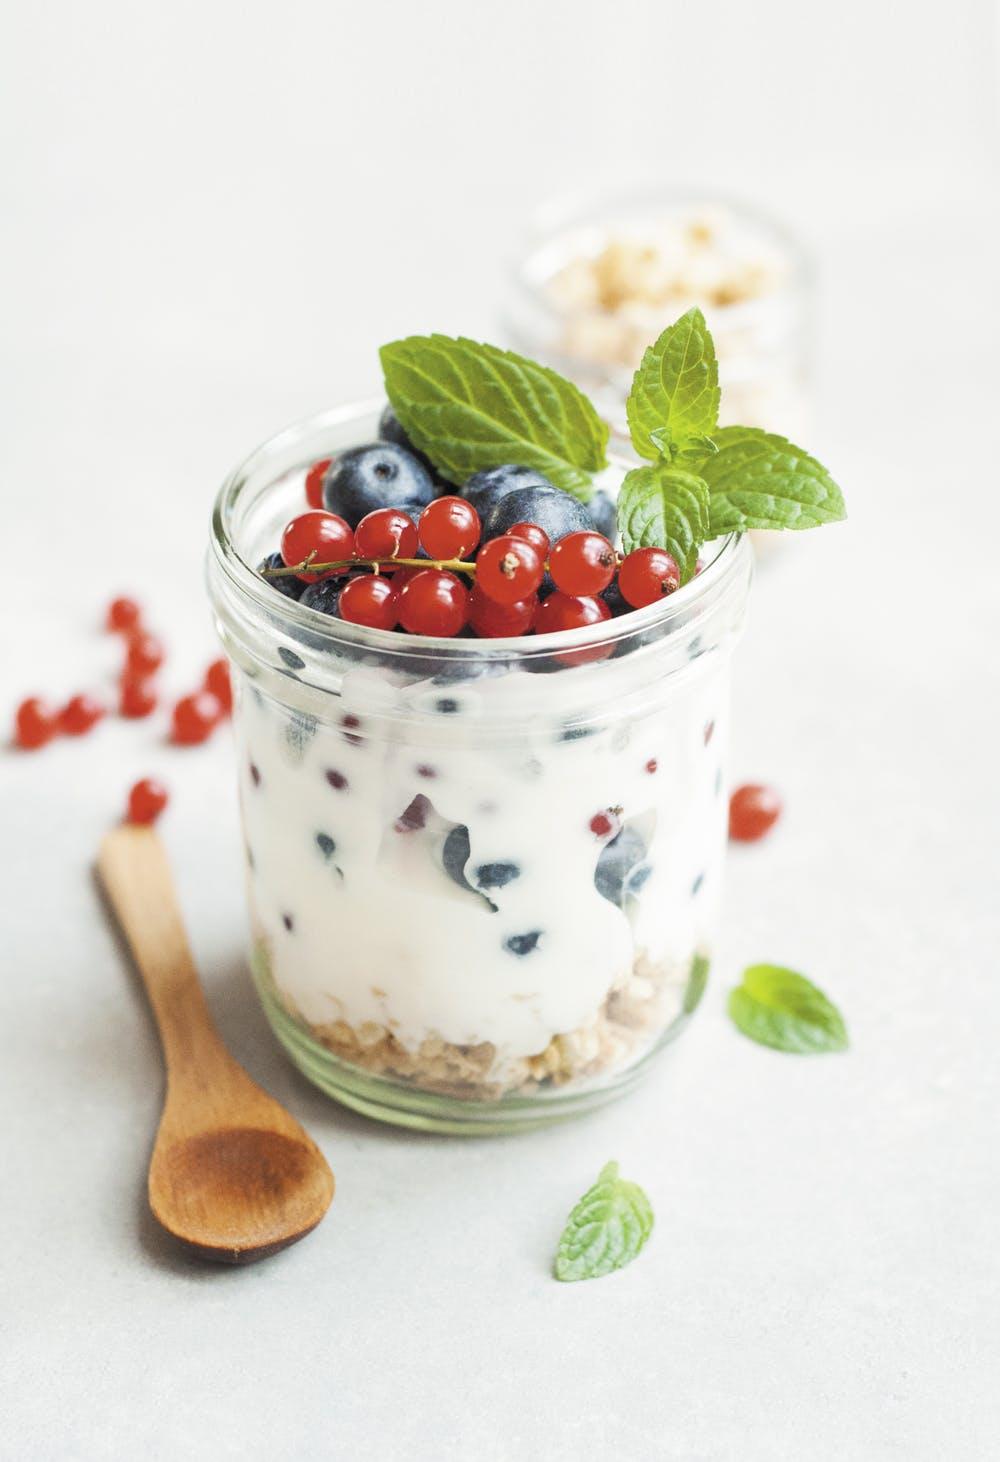 Sữa chua là món ăn không thể thiếu trong việc giúp cơ thể hạ nhiệt nhanh chóng